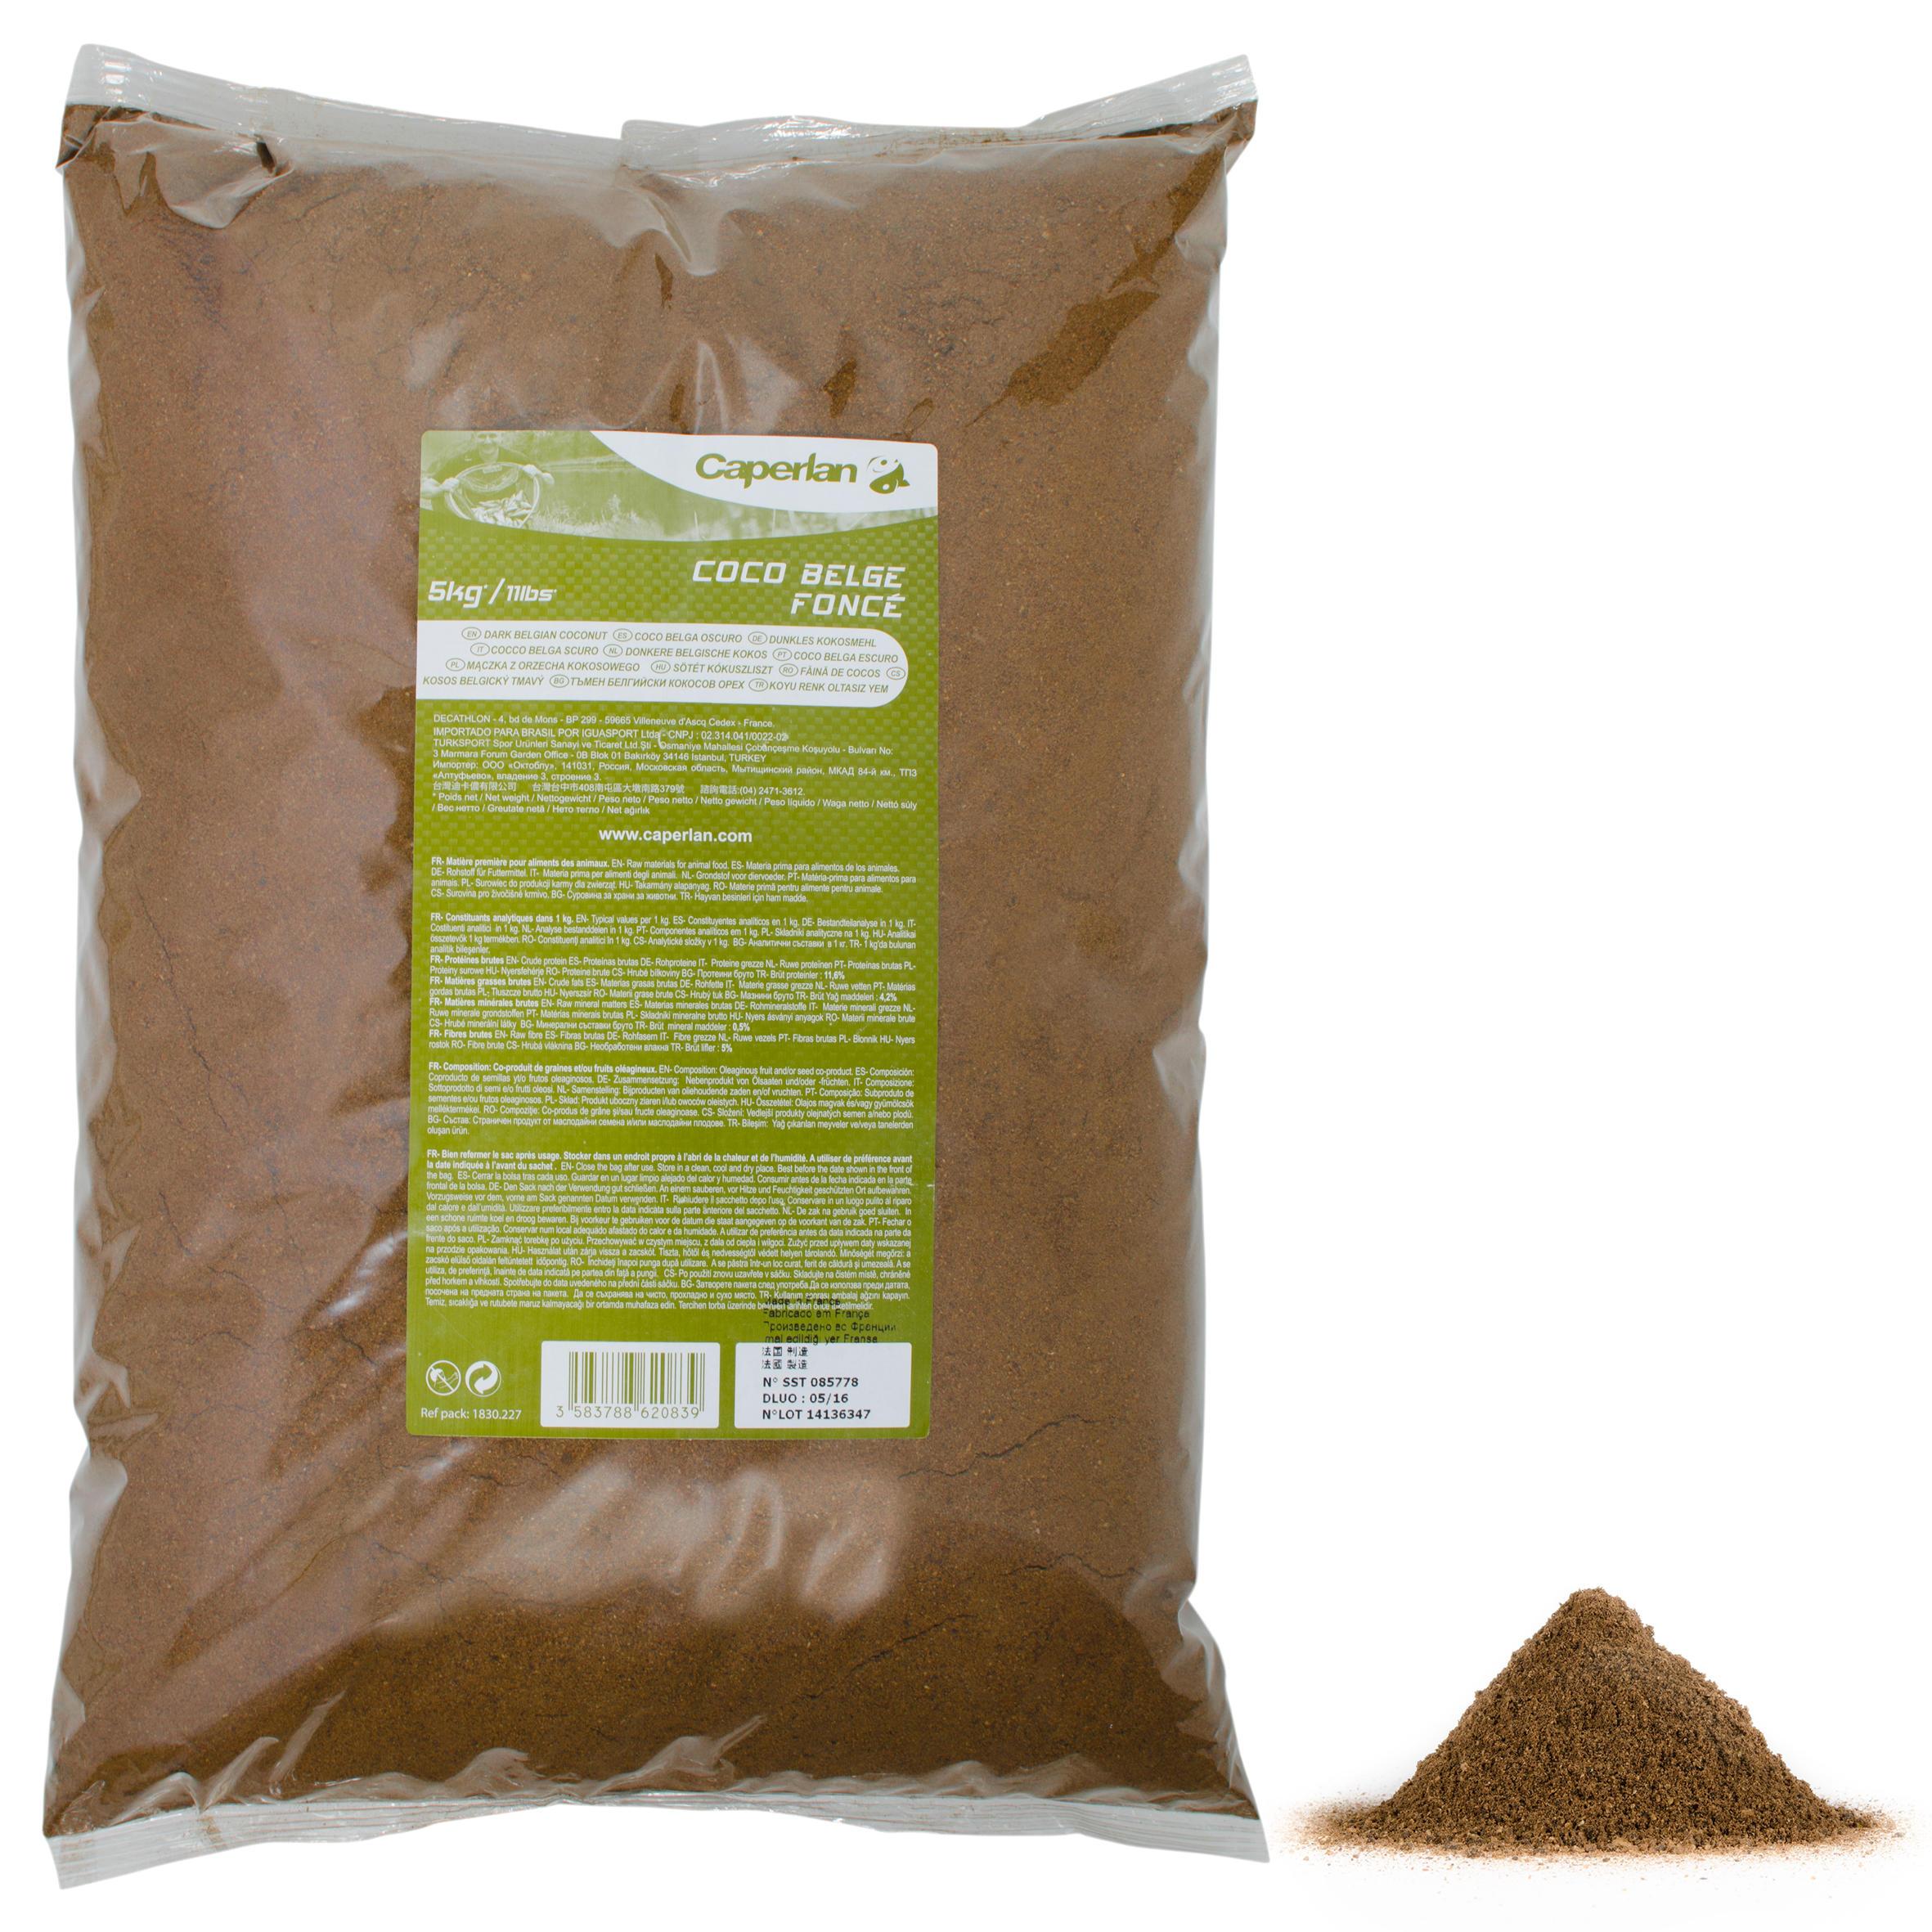 Caperlan Belgisch kokosmeel hengelsport 5 kg